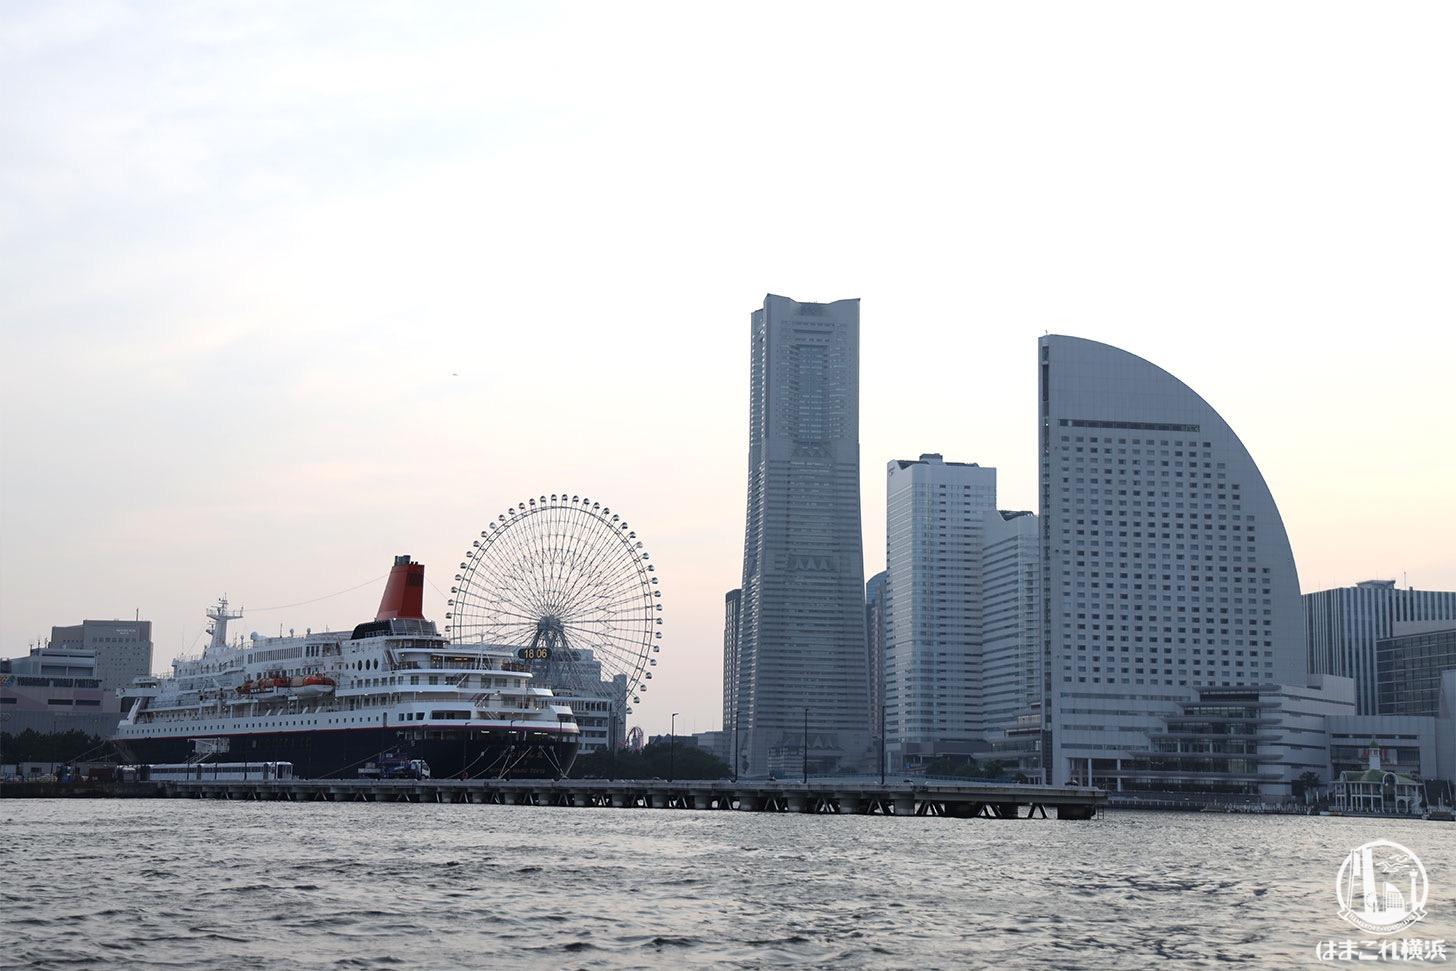 シーバス オープンデッキから見たみなとみらいと大型客船